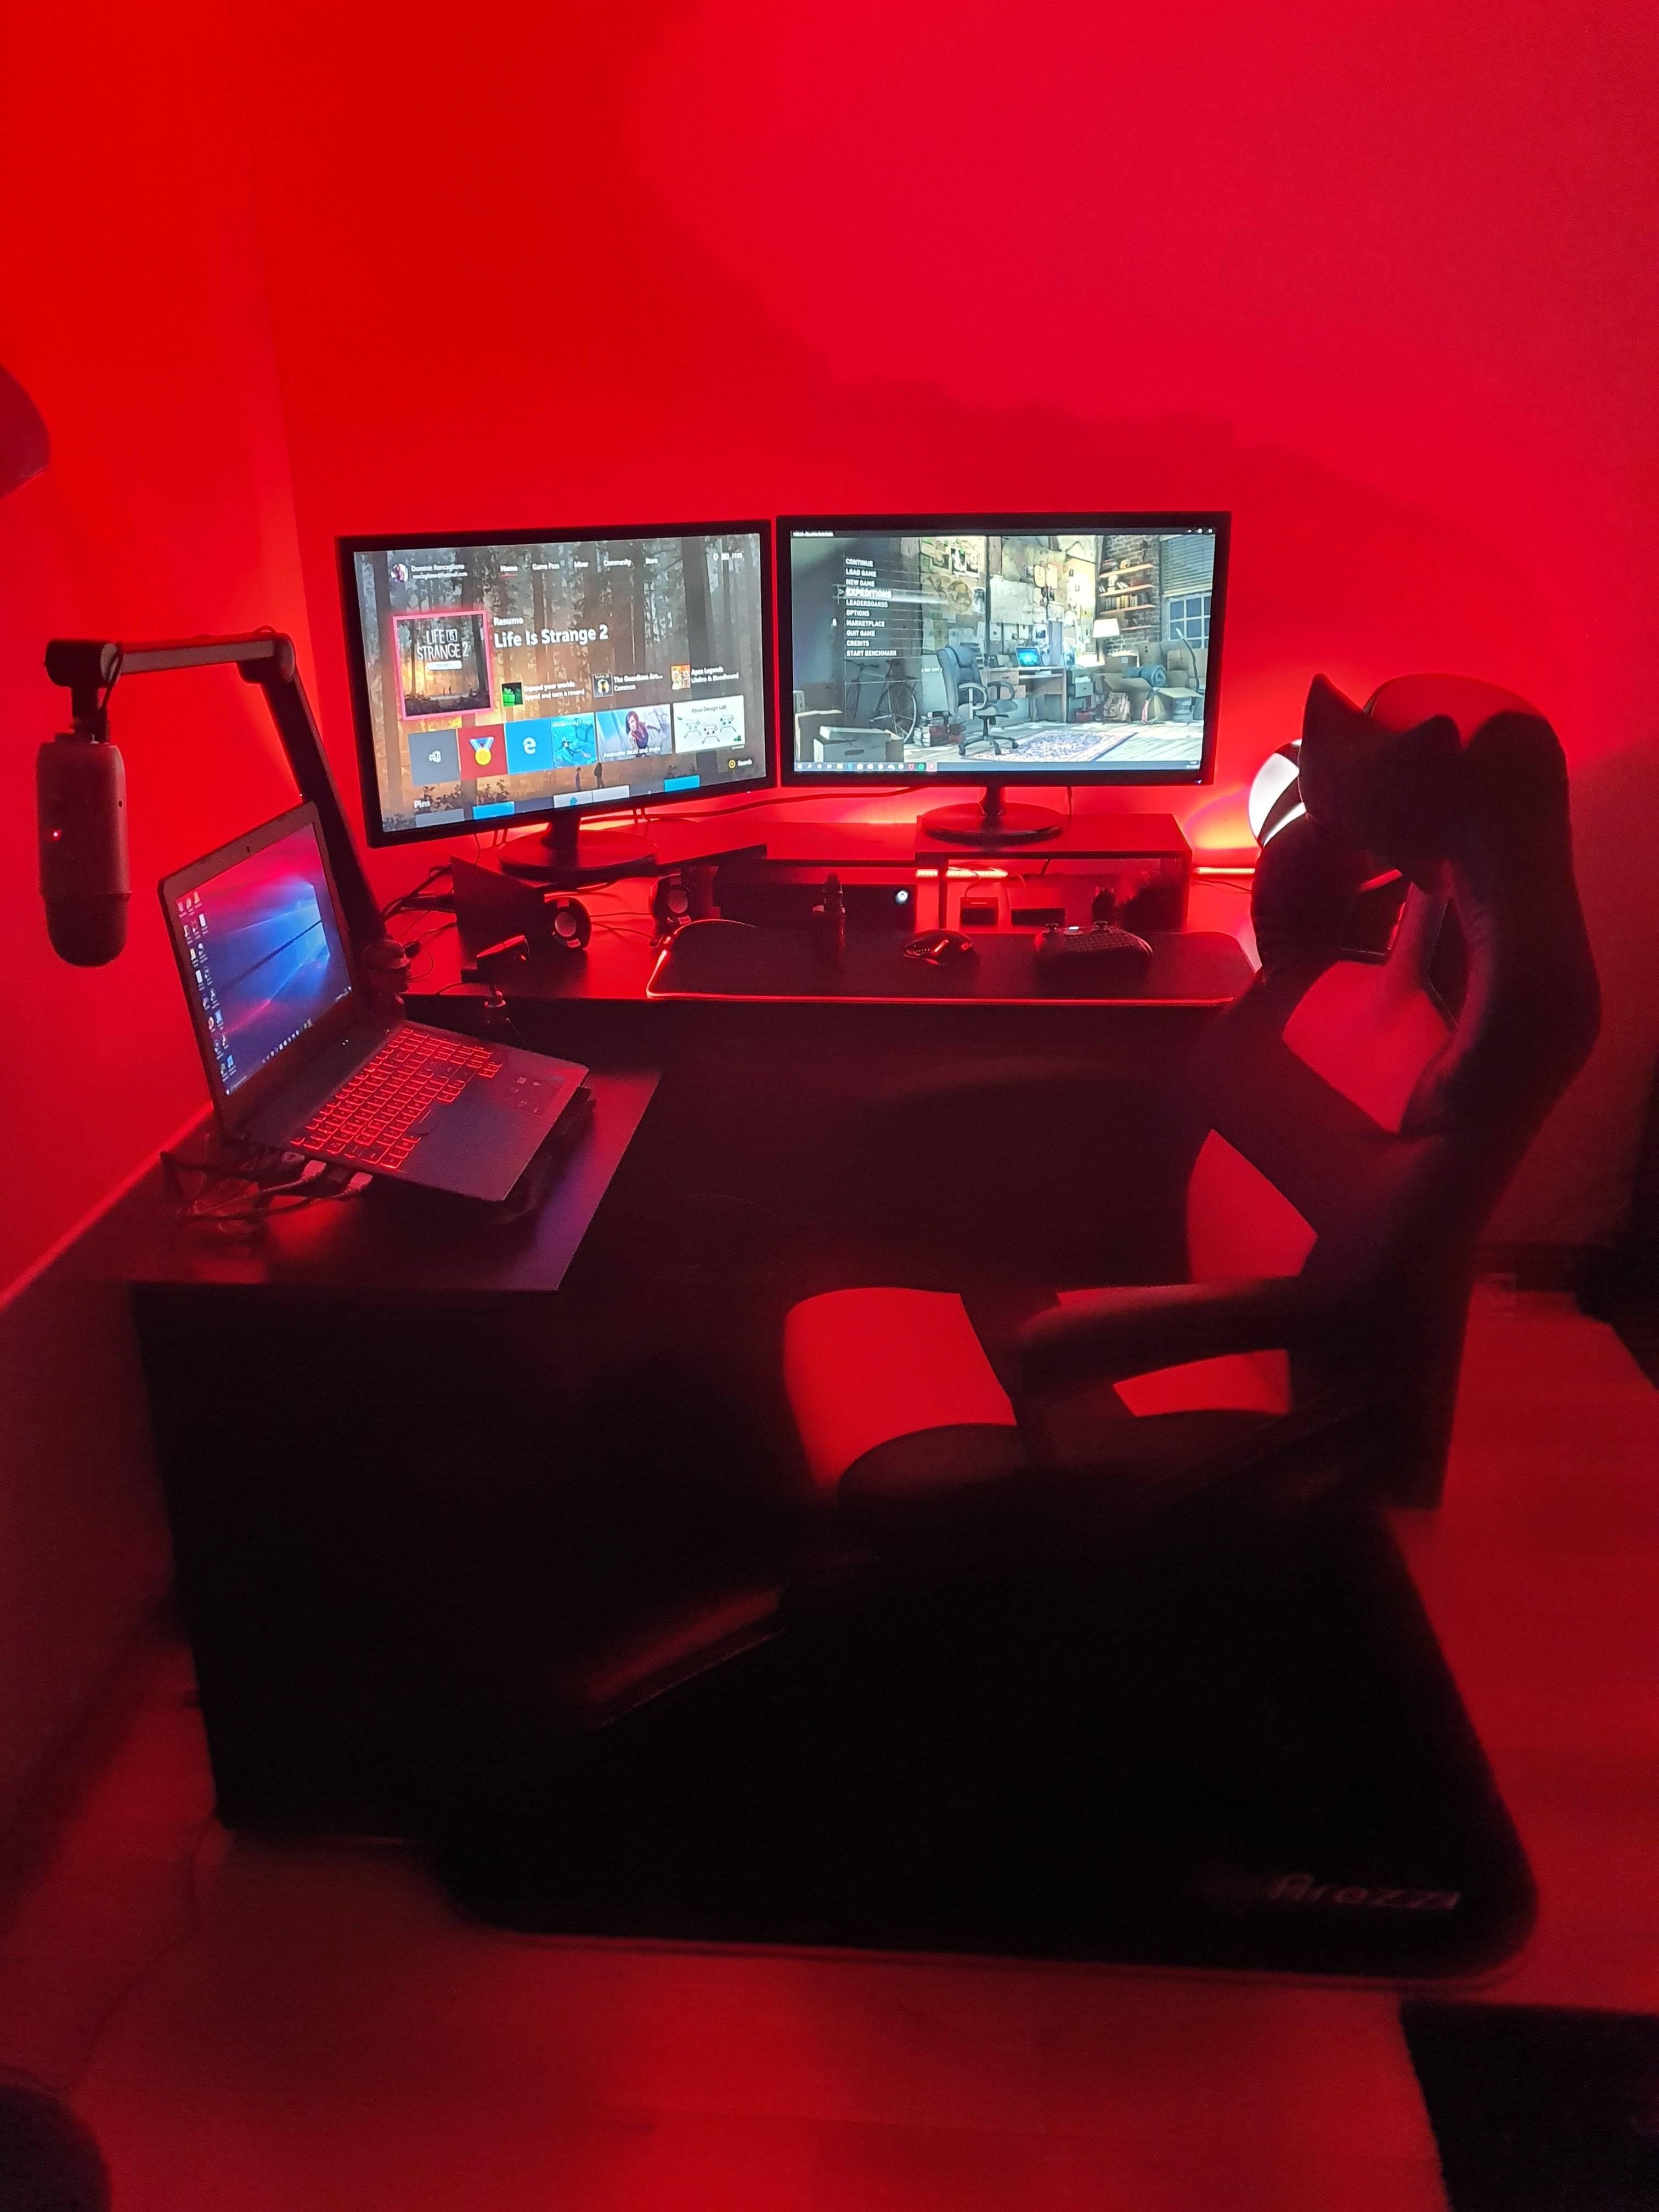 xBIGDOMx's Setup - Gaming Set Up | Scooget